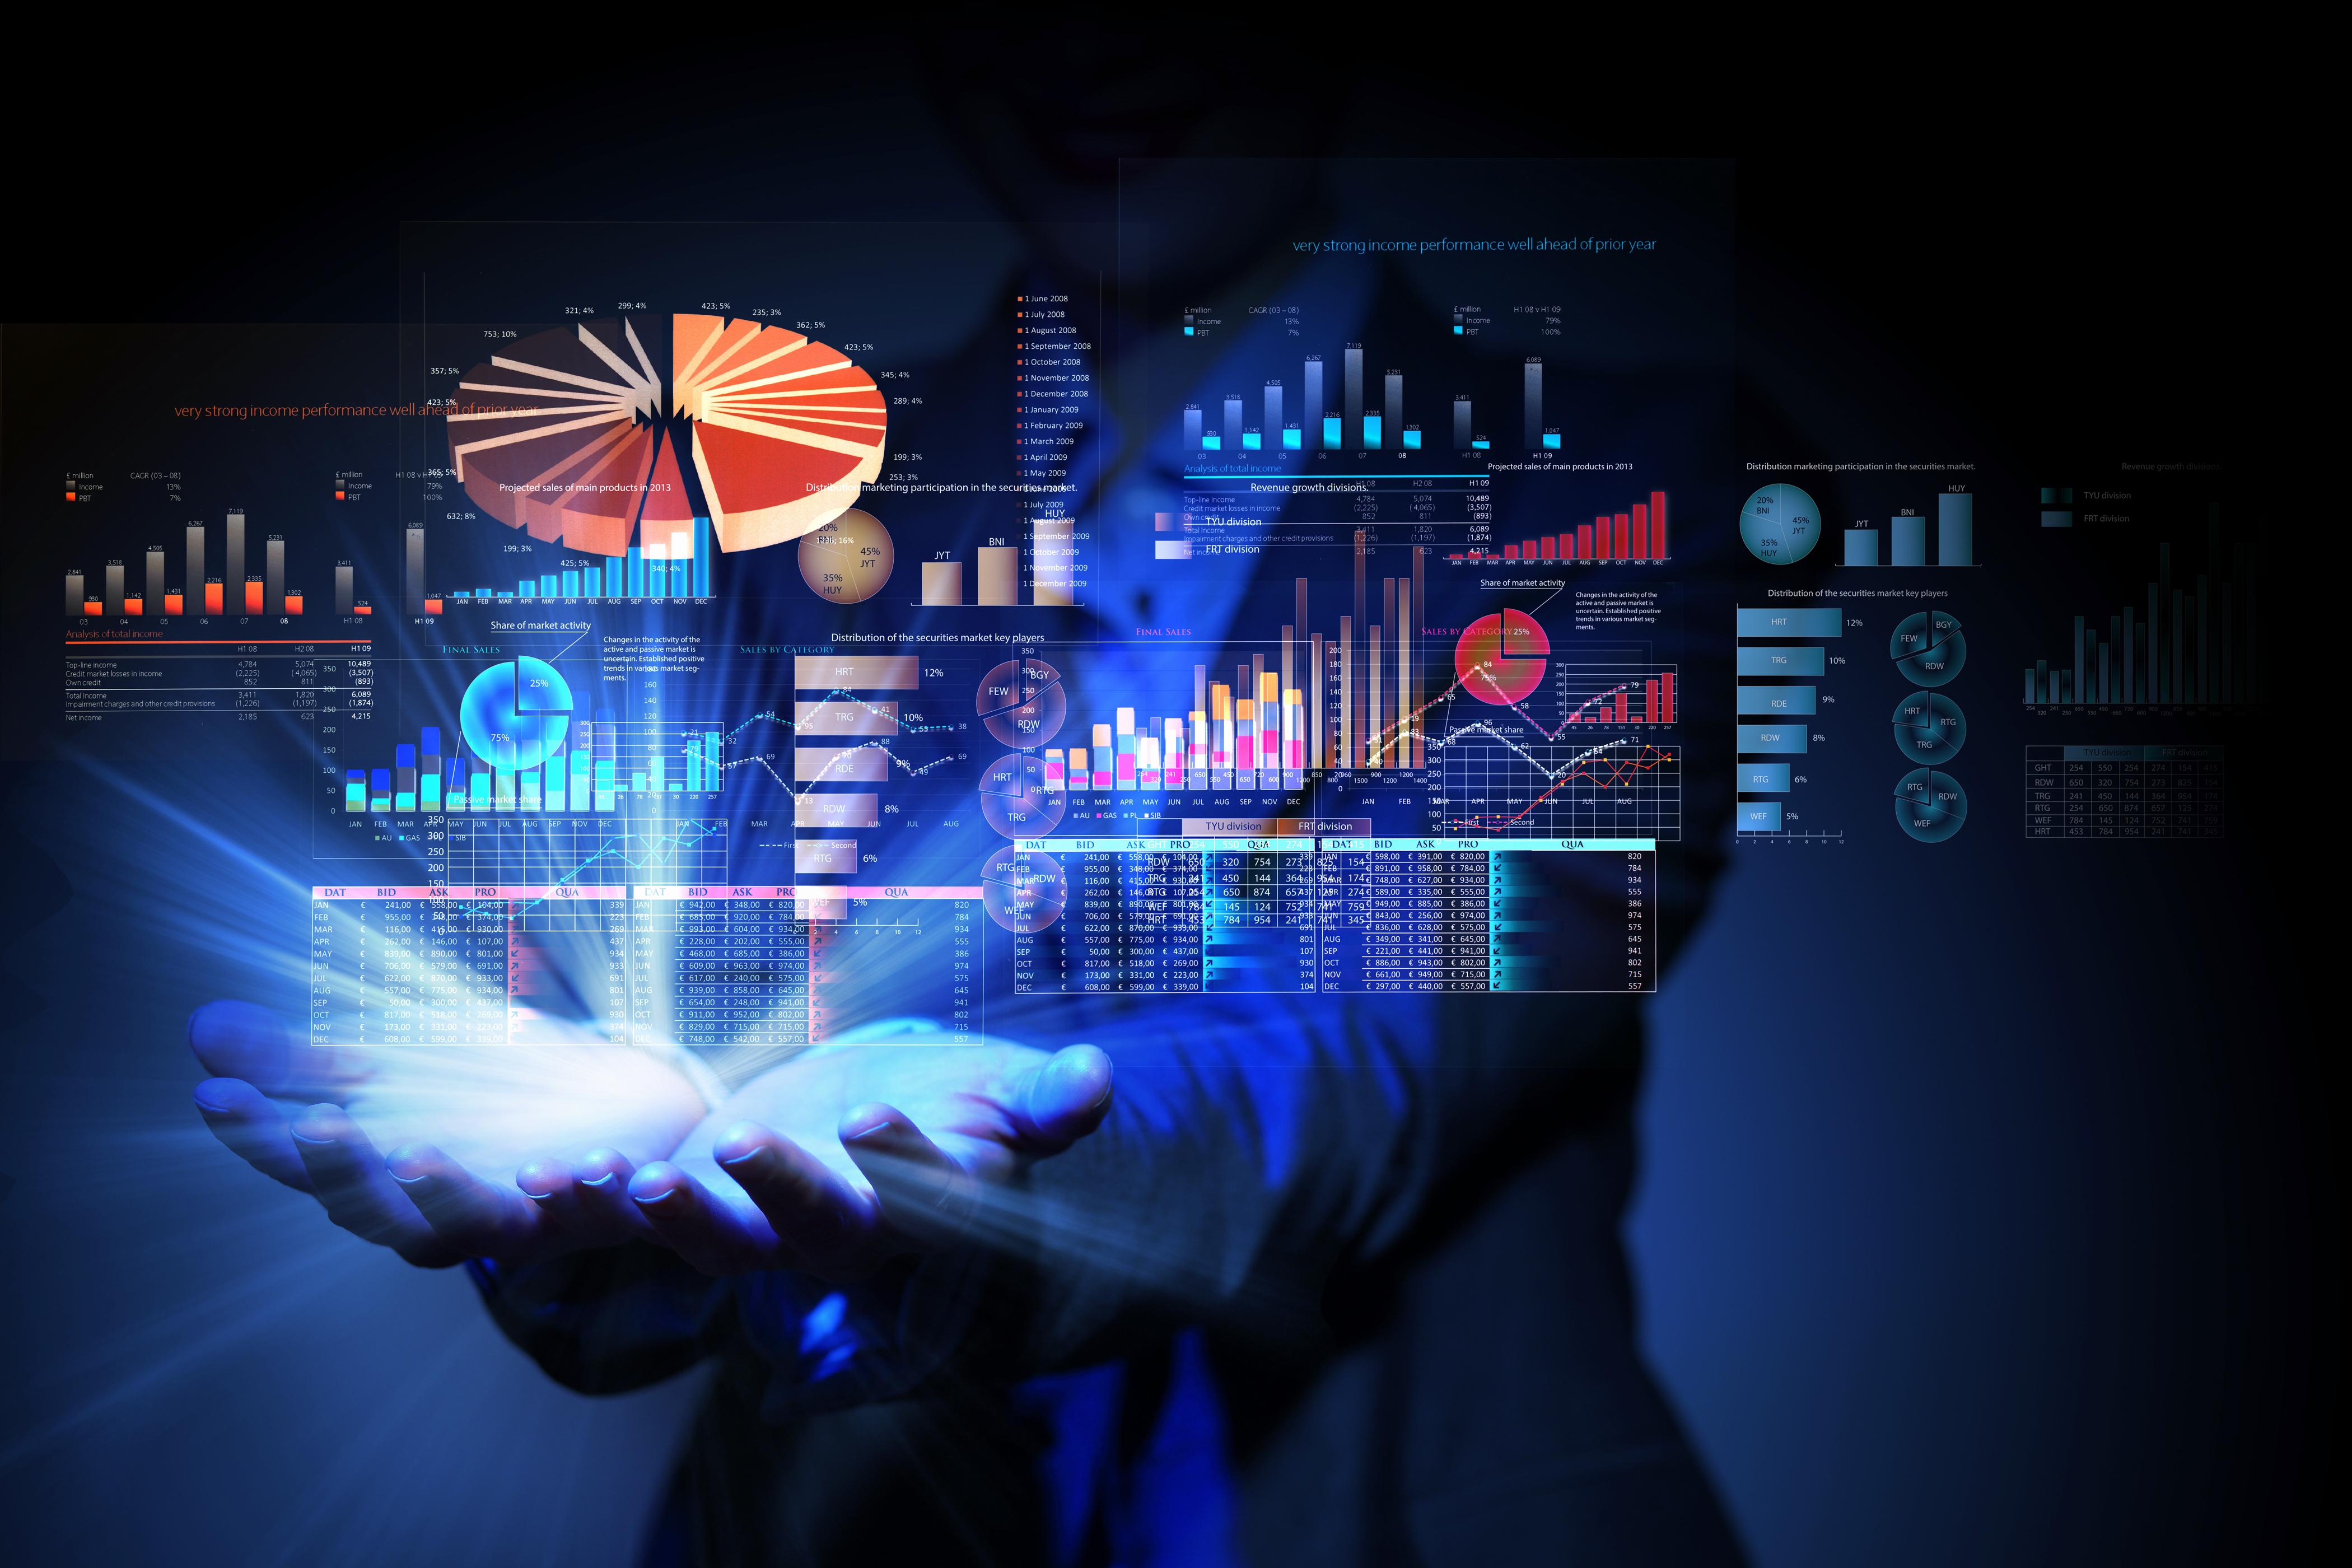 Serviço, indústria e comércio atingem maior nível de rentabilidade   Gestão Empresarial Cursos CPT